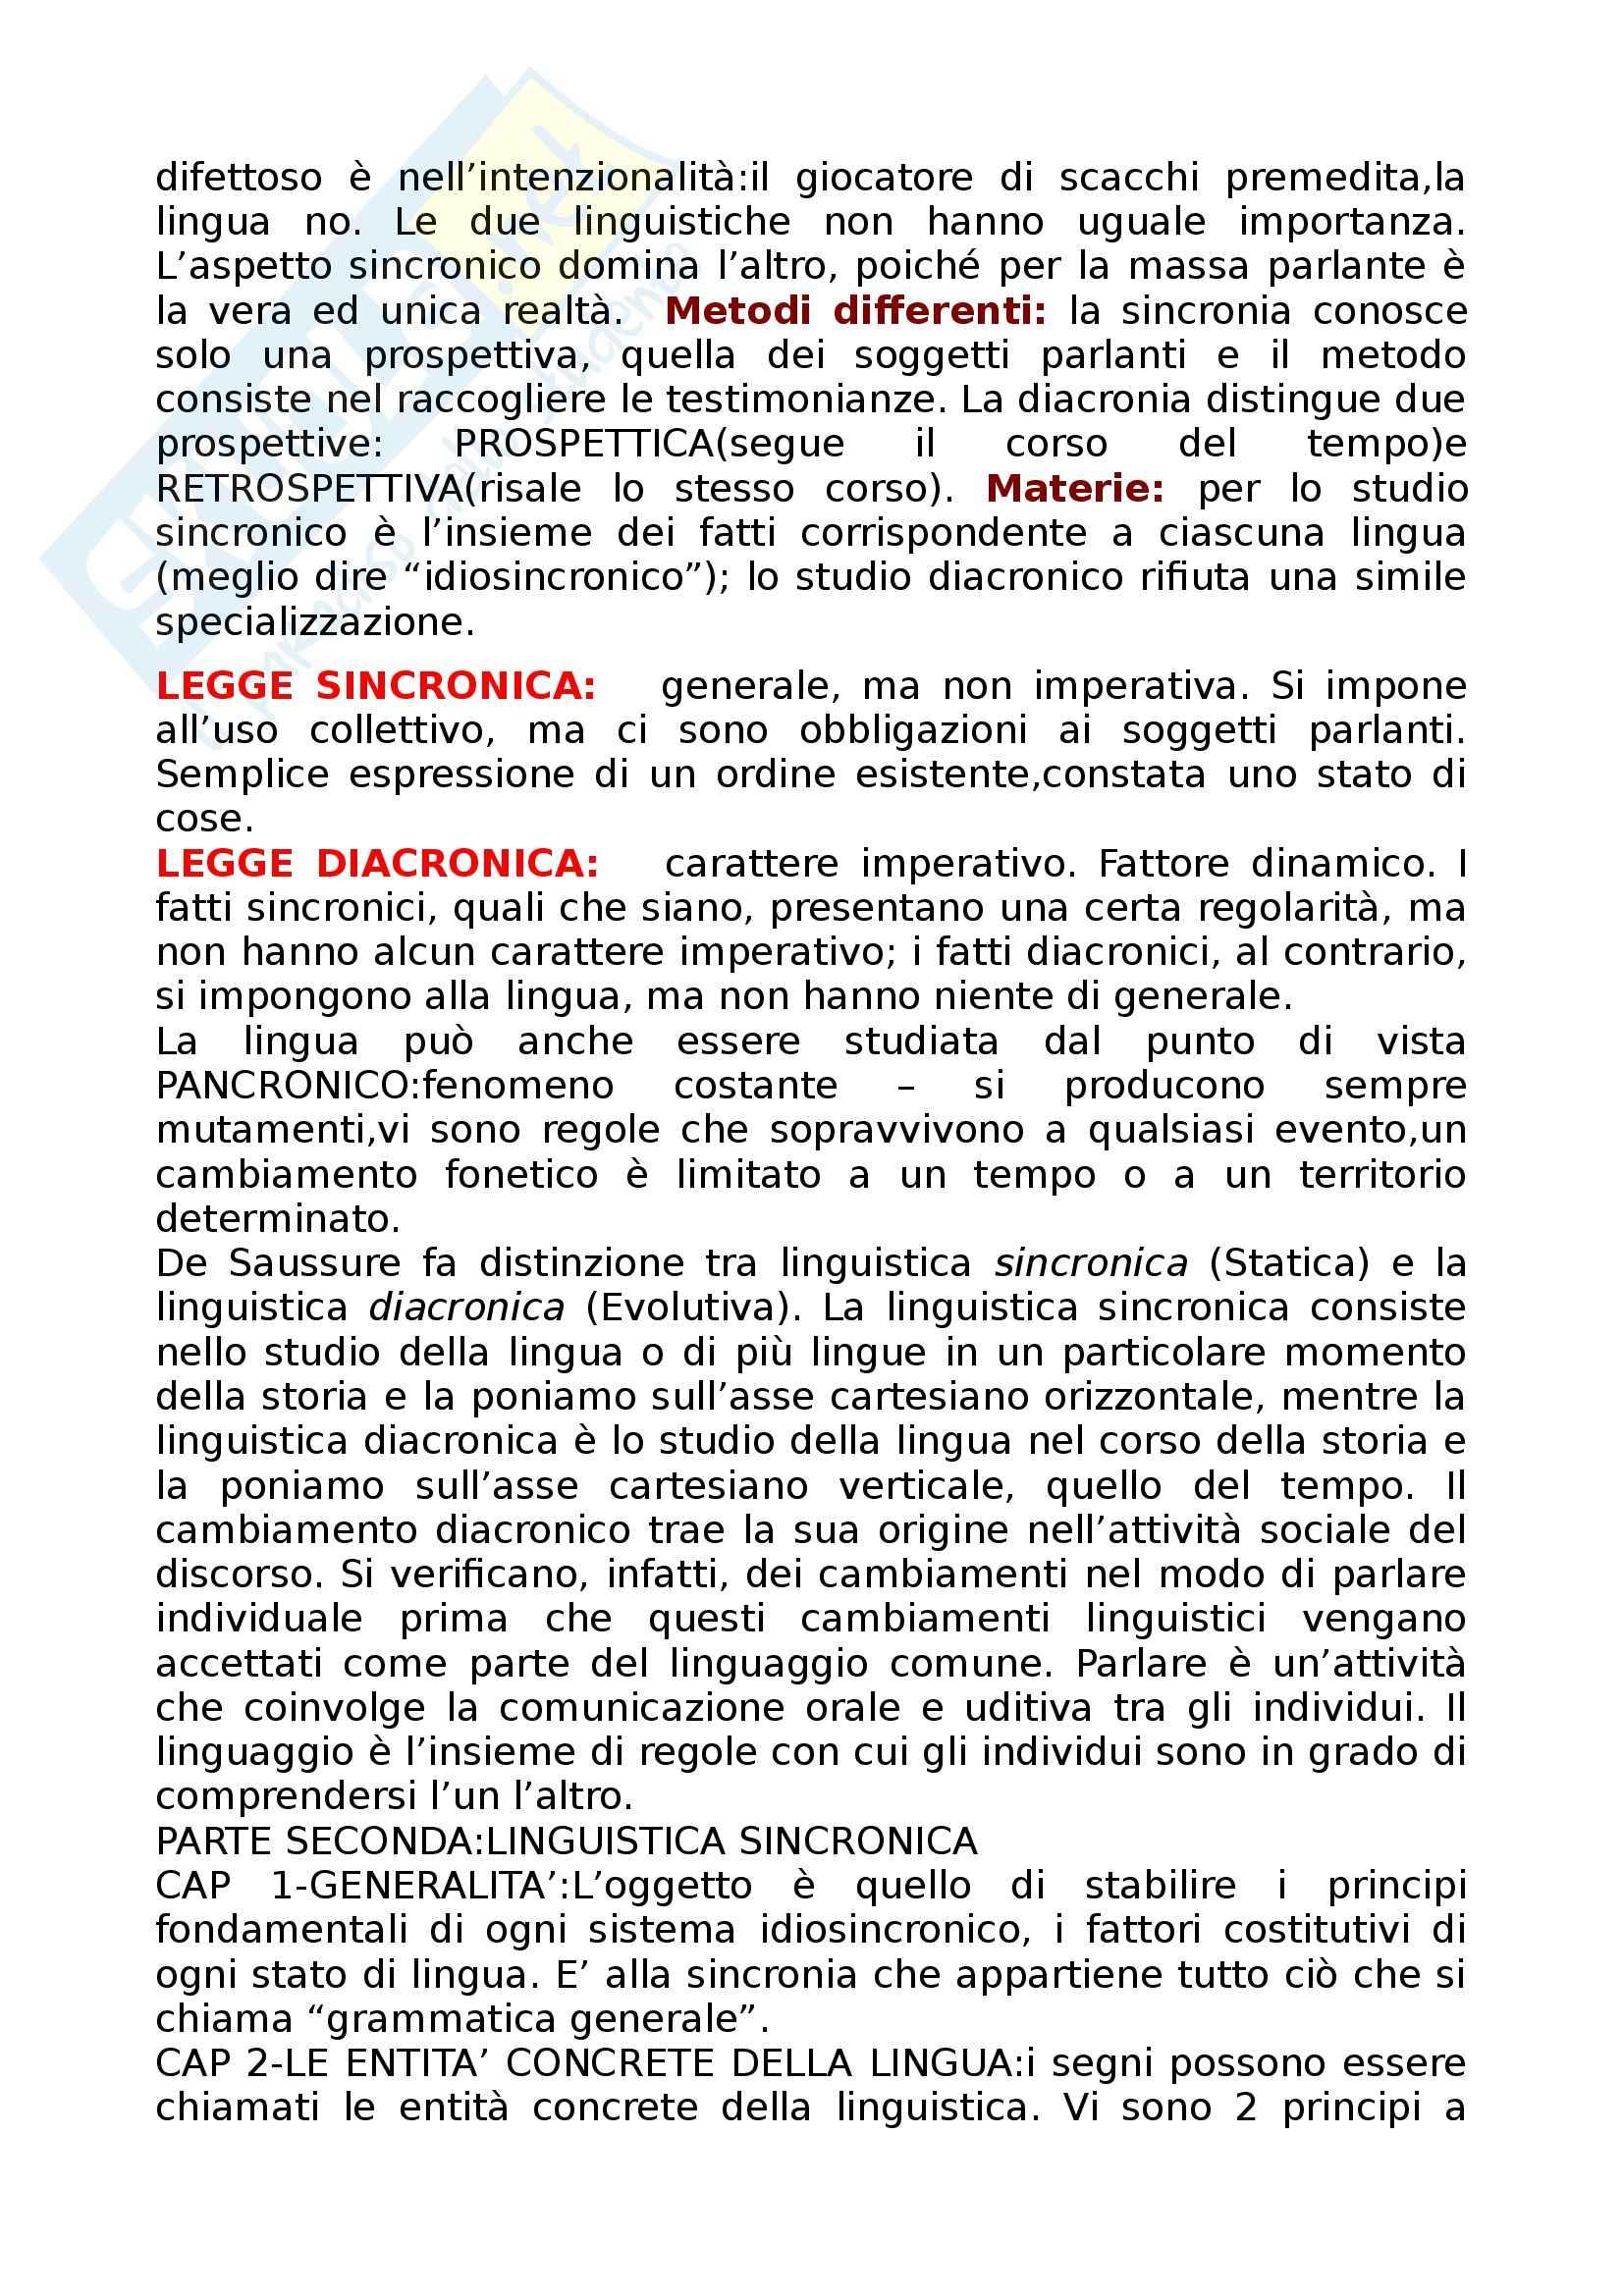 Riassunto esame Linguistica Generale, prof. Assenza, libro consigliato Corso di linguistica generale, de Saussure Pag. 6